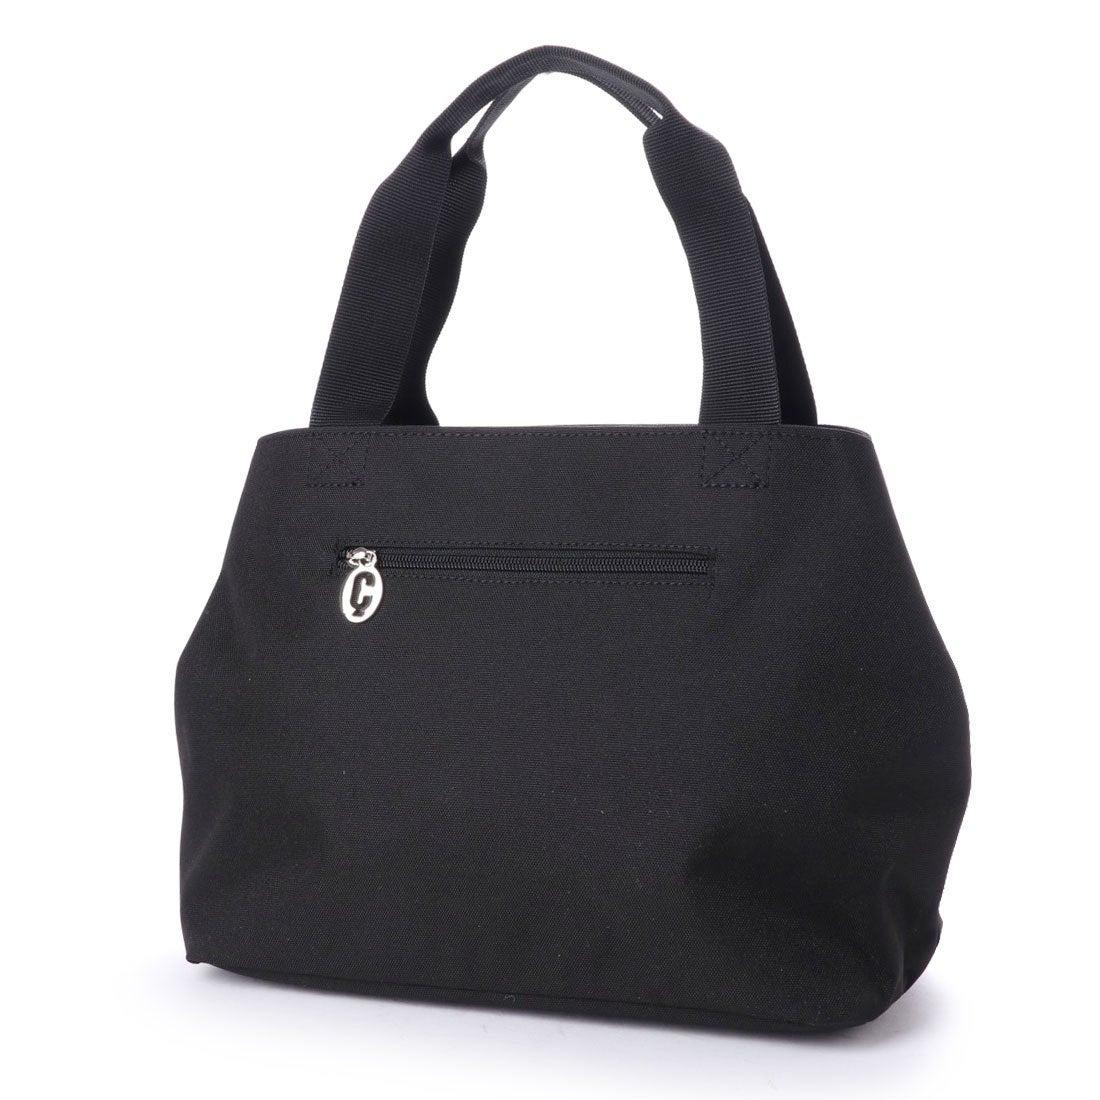 コムサイズム COMME CA ISM MONOライフスタイルバッグS (ブラック) レディース メンズ